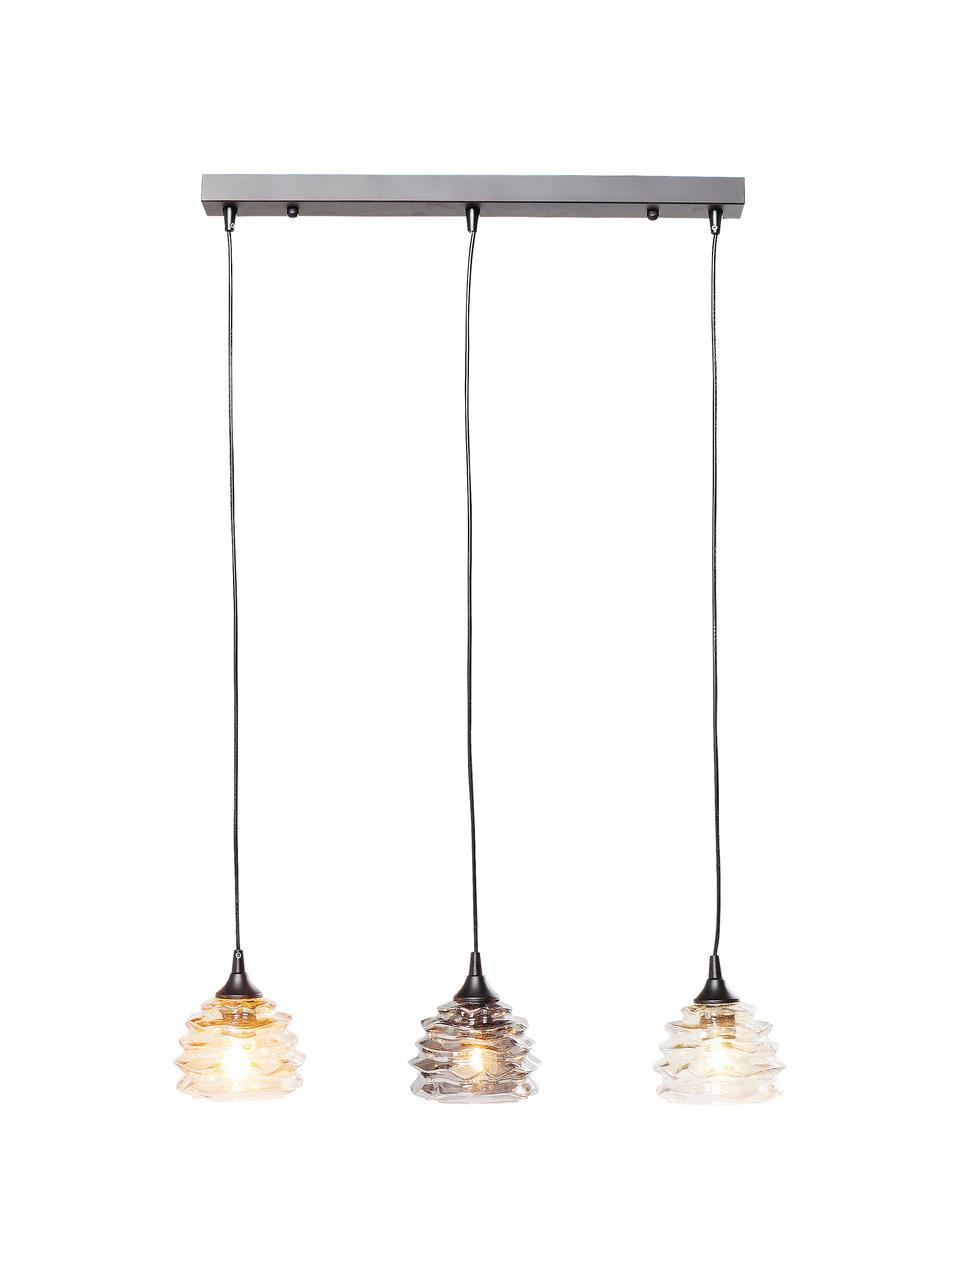 Hanglamp Ruffle, Lampenkap: glas, Baldakijn: gelakt staal, Oranje, grijs, amberkleurig, 69 x 17 cm